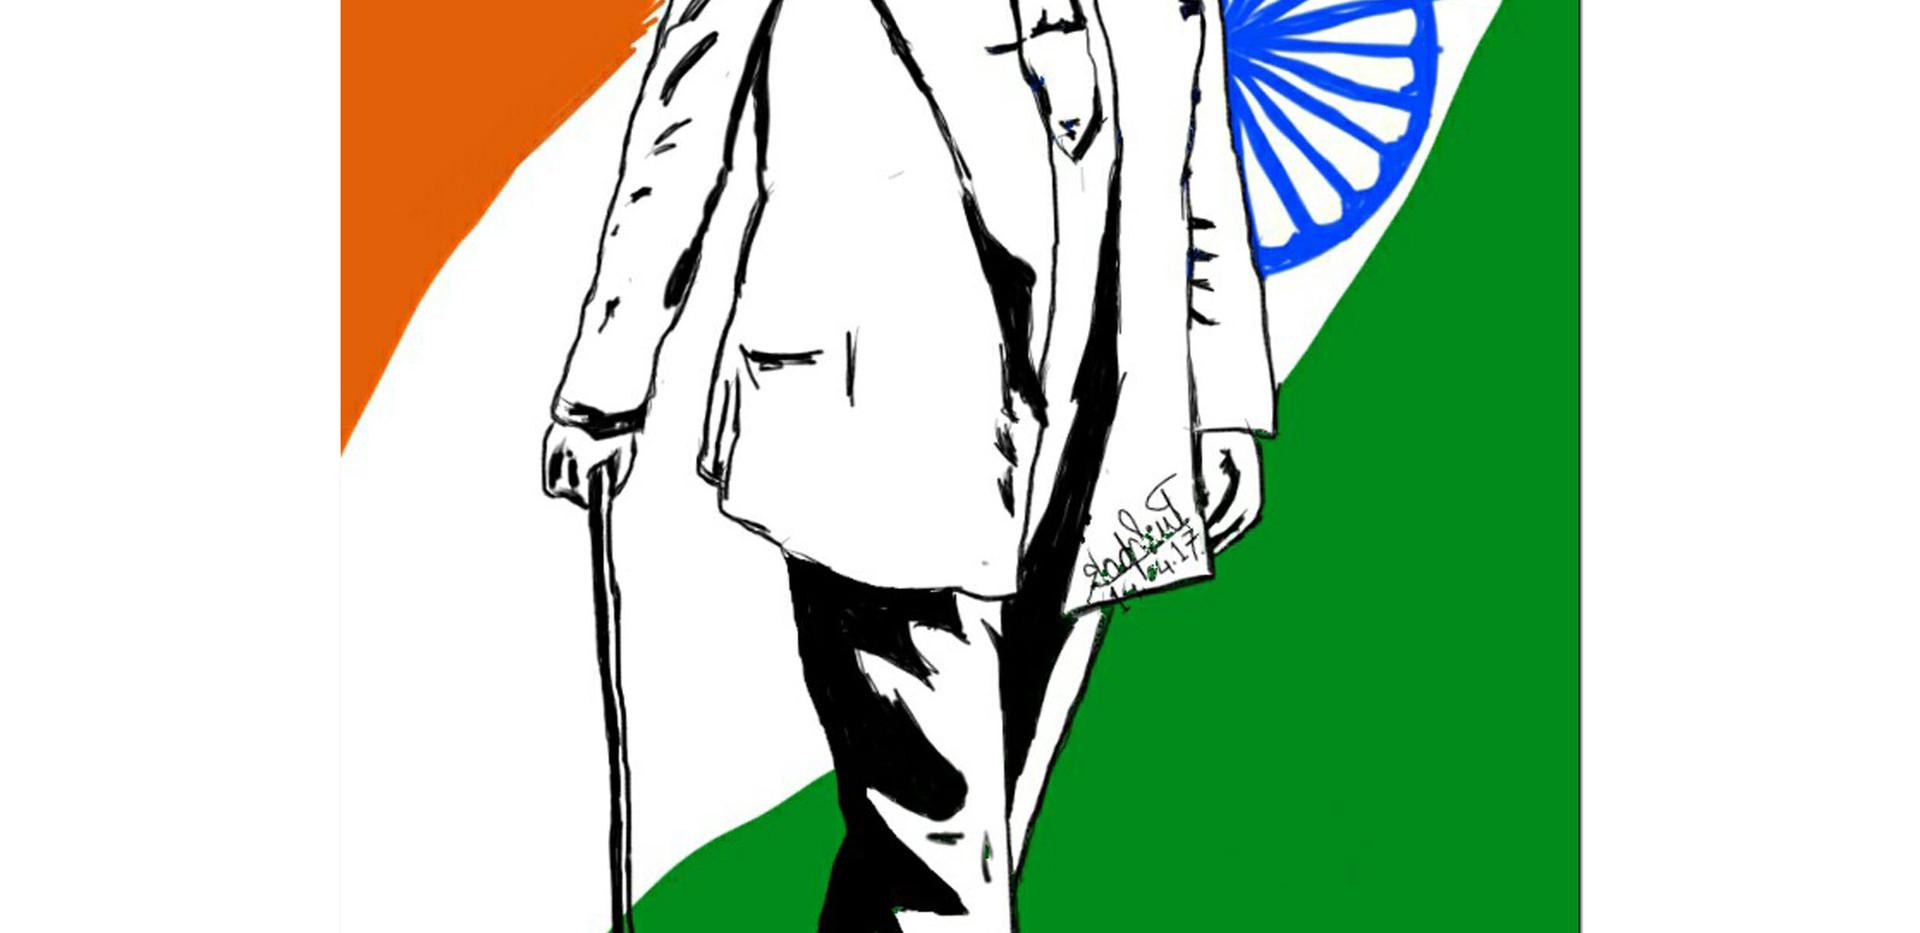 Dr Ambedkar_The Nation Builder